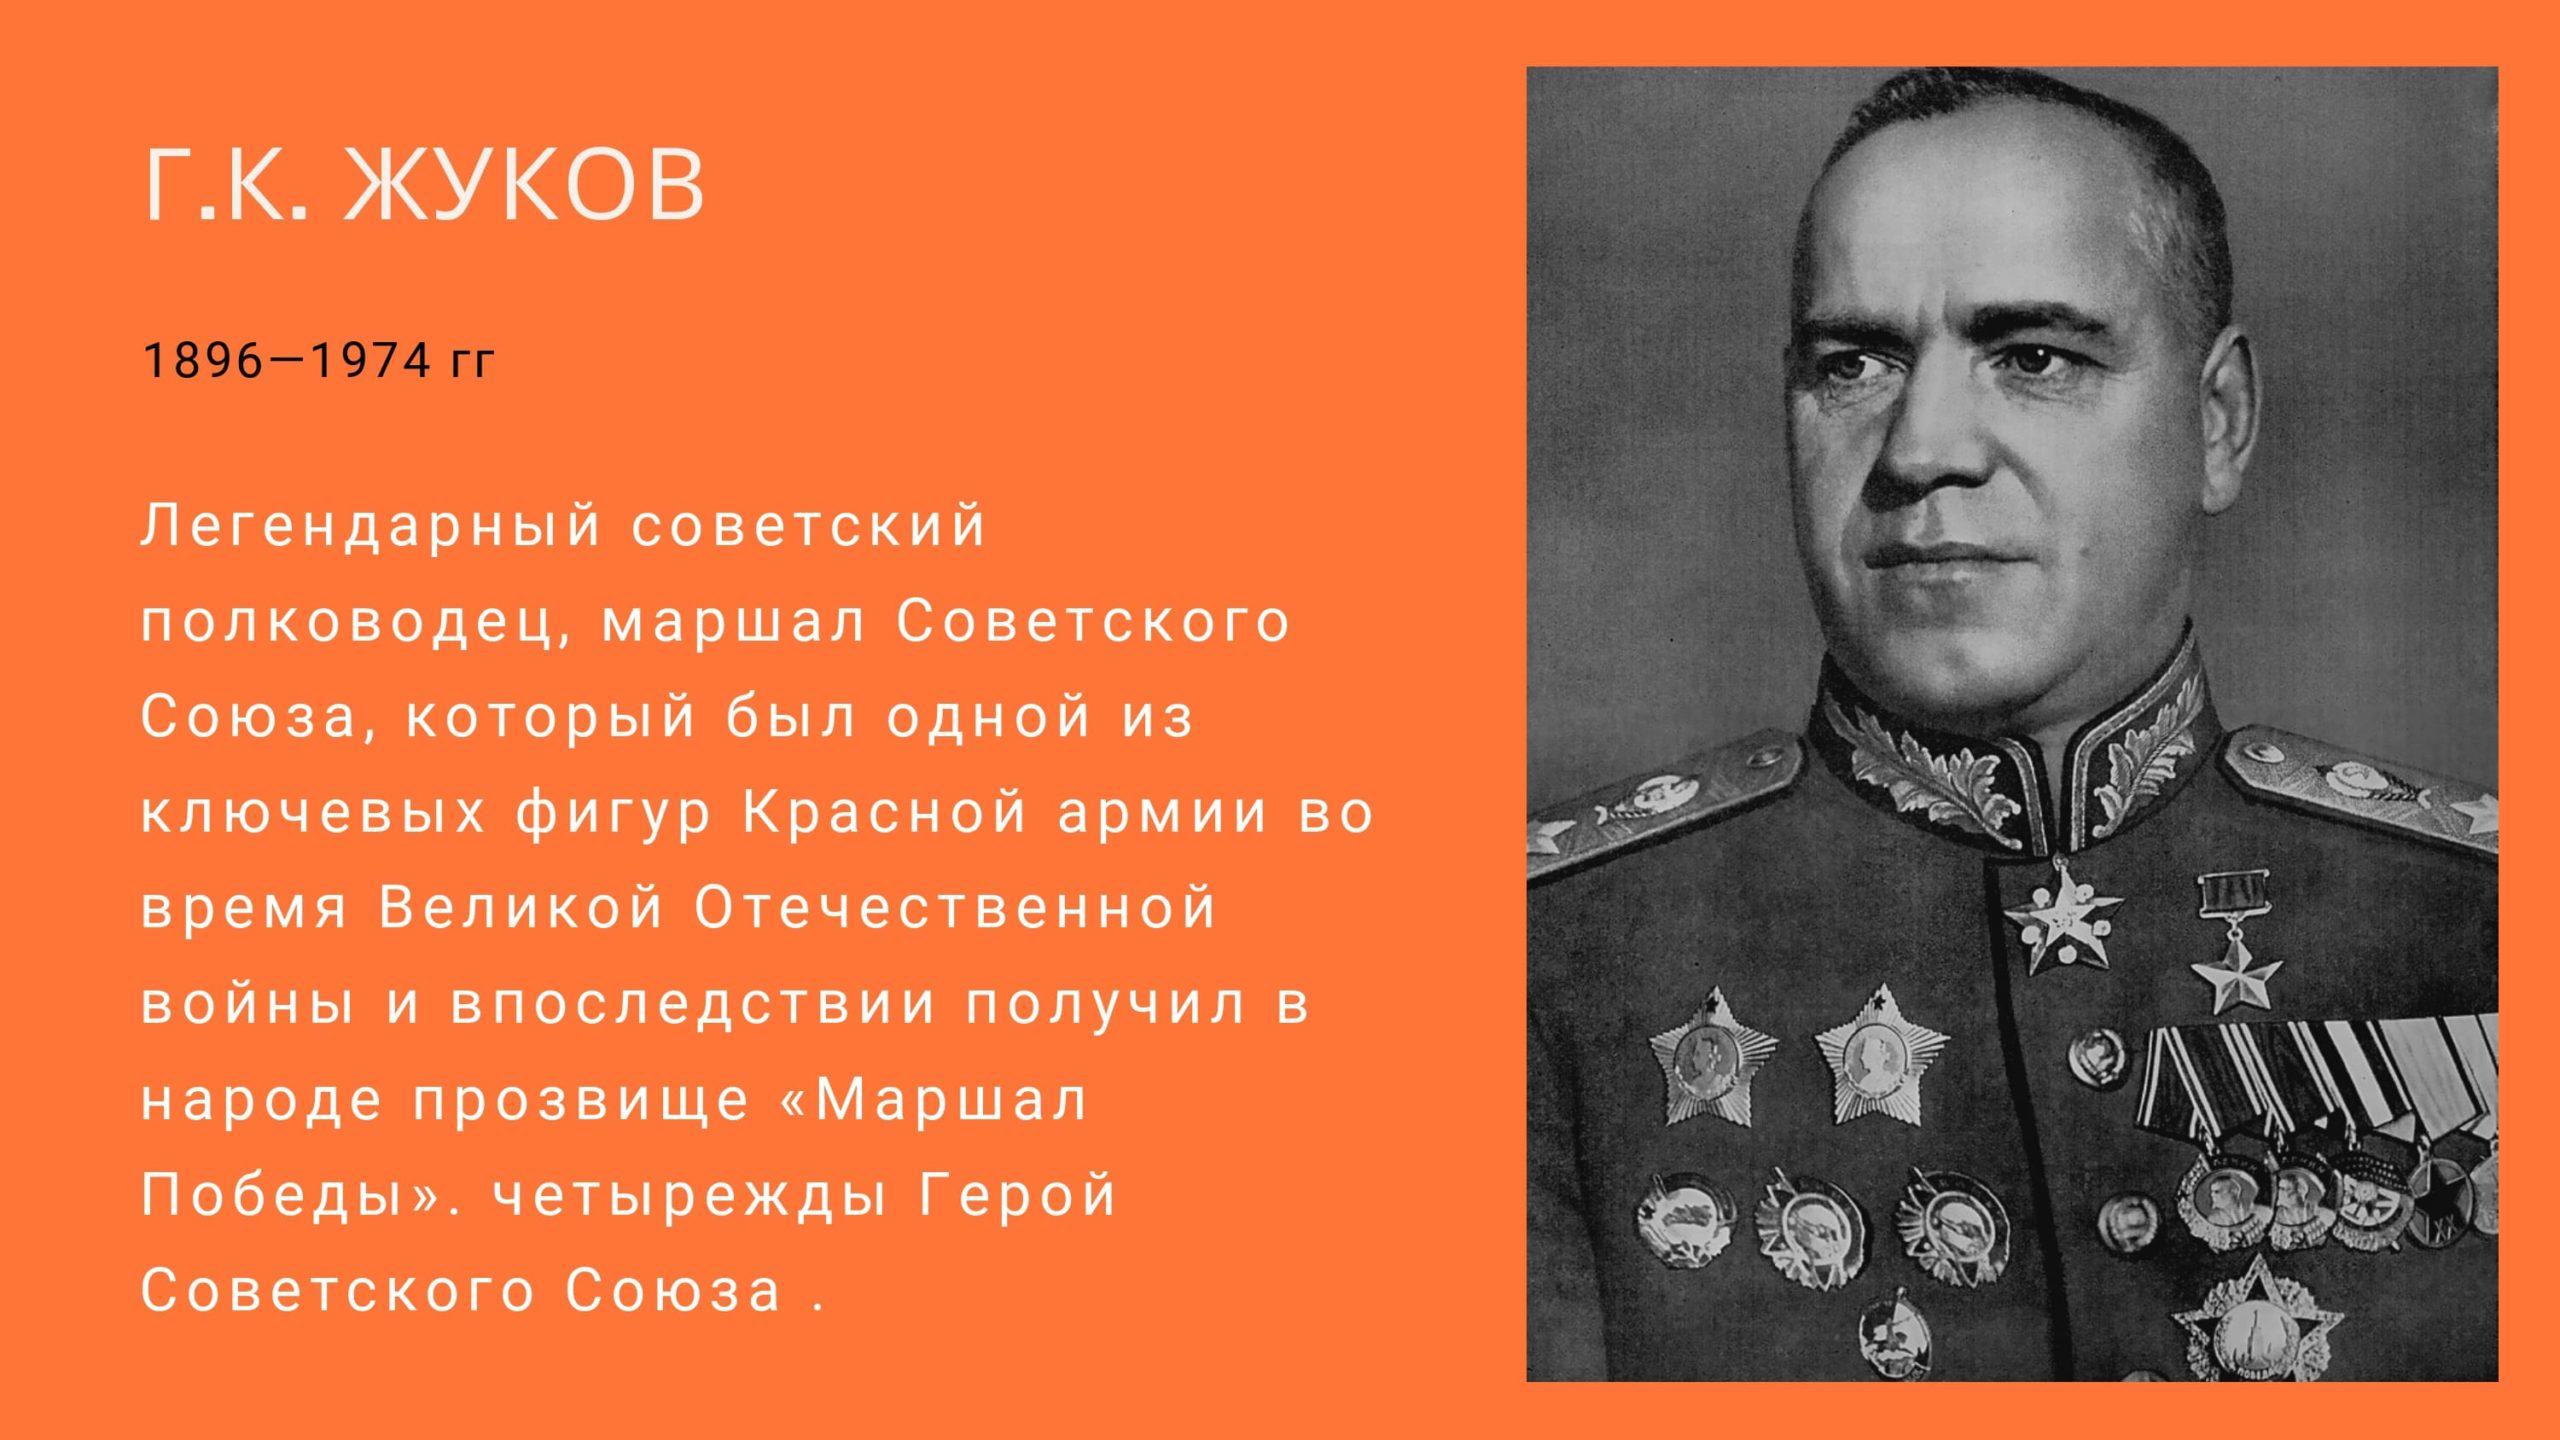 Г. К. Жуков 1896-1974 гг